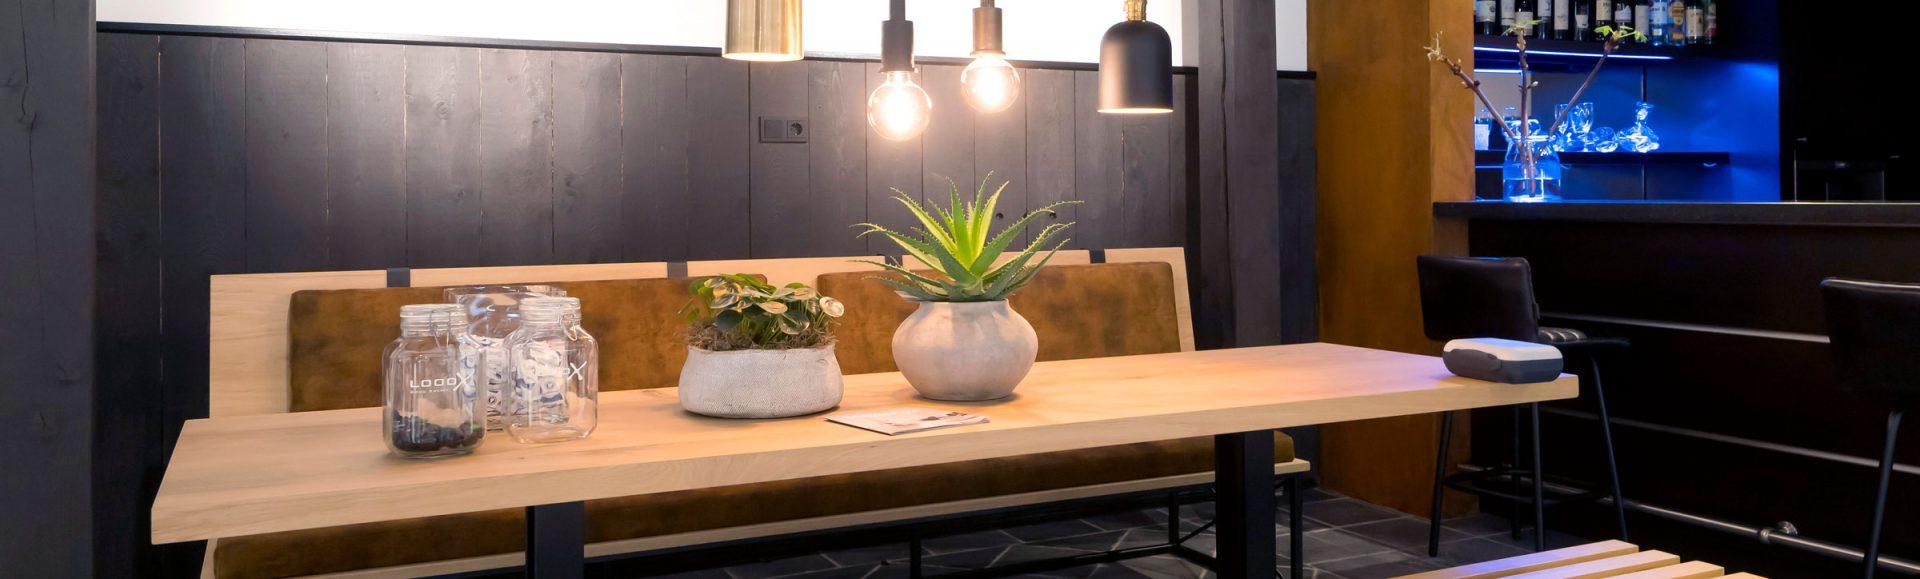 schuit-totaal-wonen-showroom-keukens-9